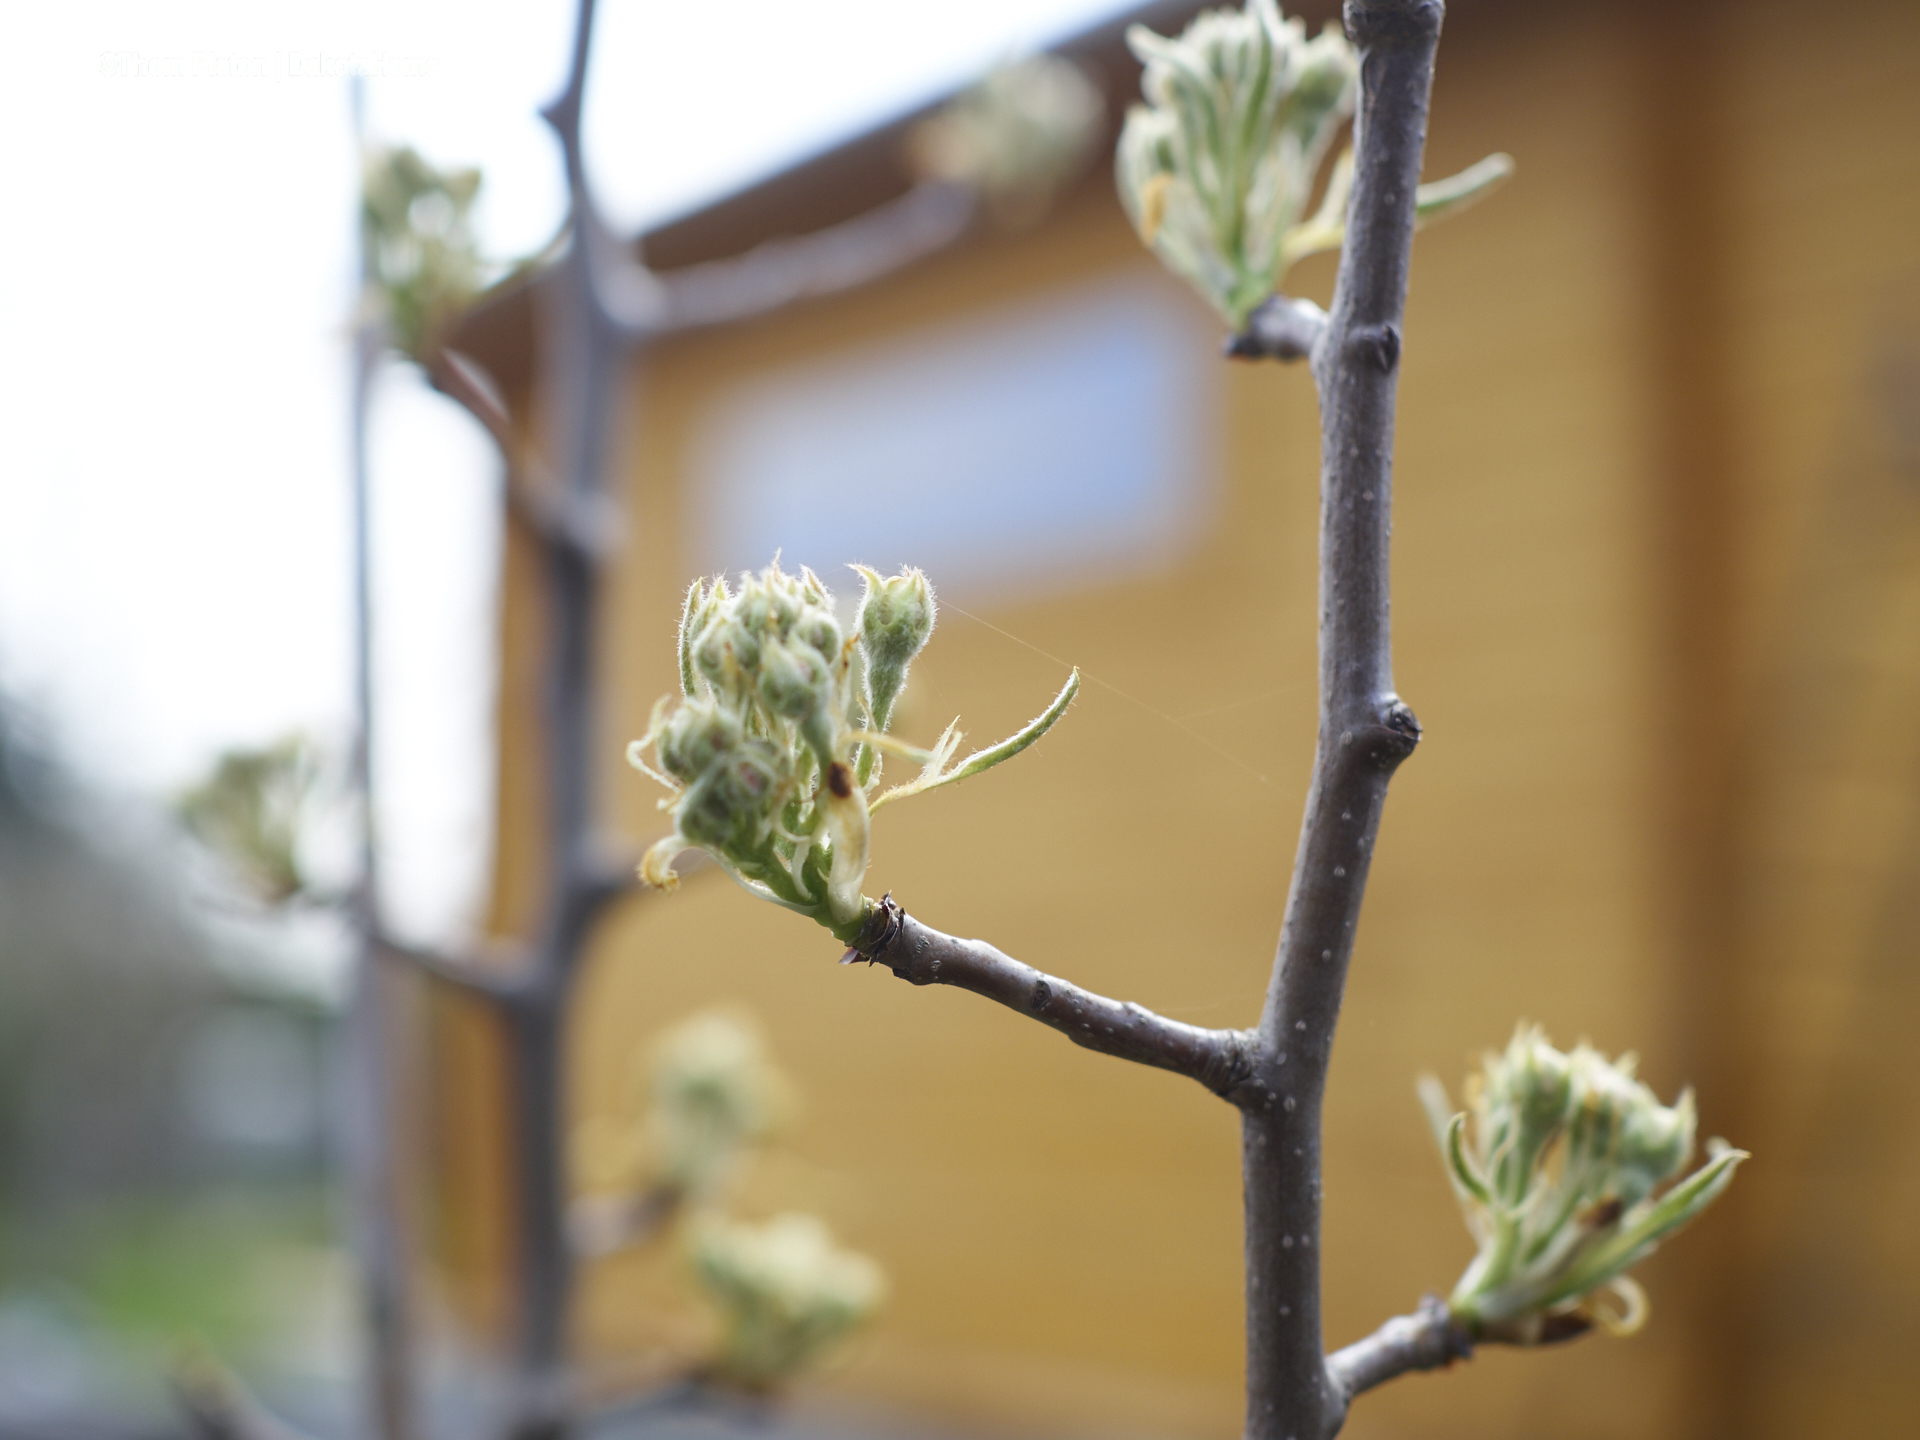 ..der ganz junge gepflanzte Birnenbaum gibt auch alles..